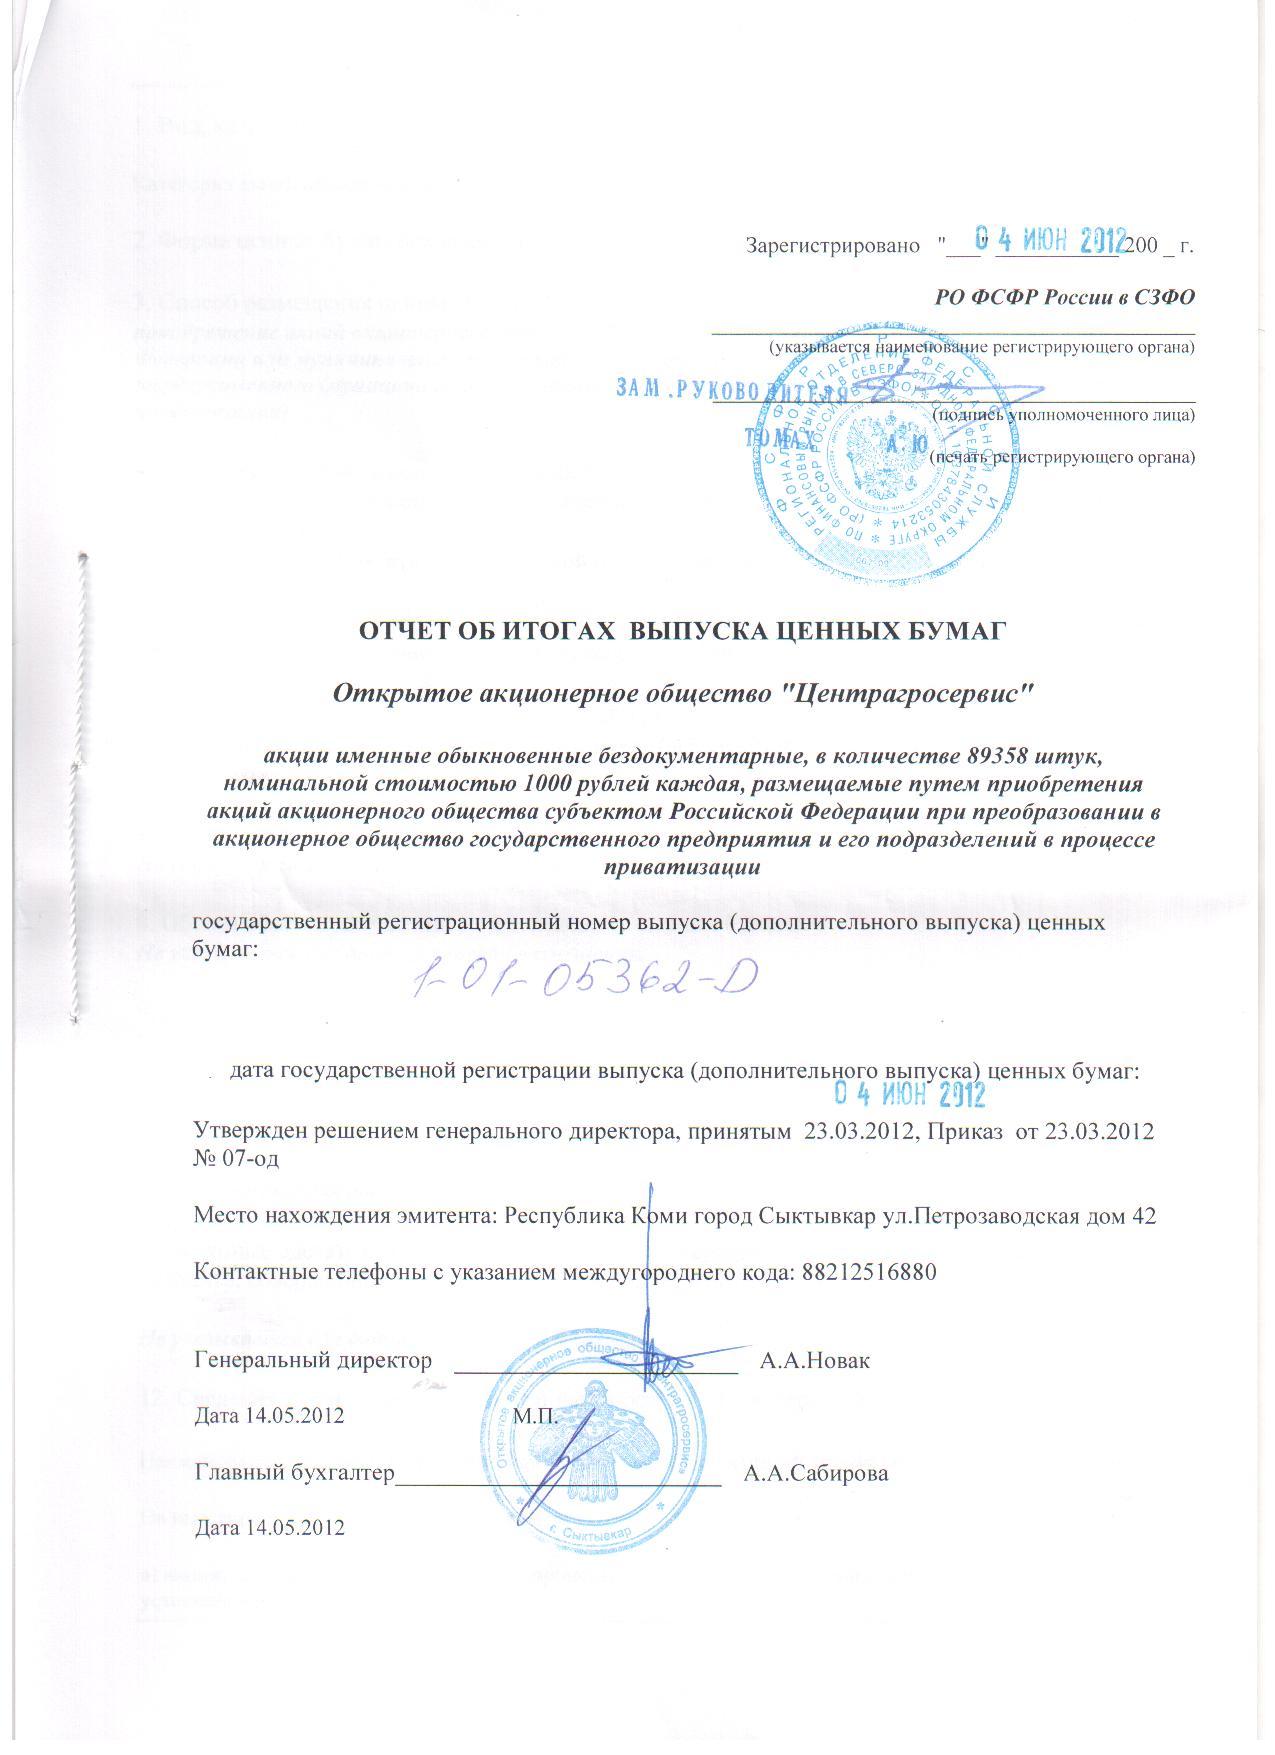 Реестр эмиссионных ценных бумаг фсфр россии